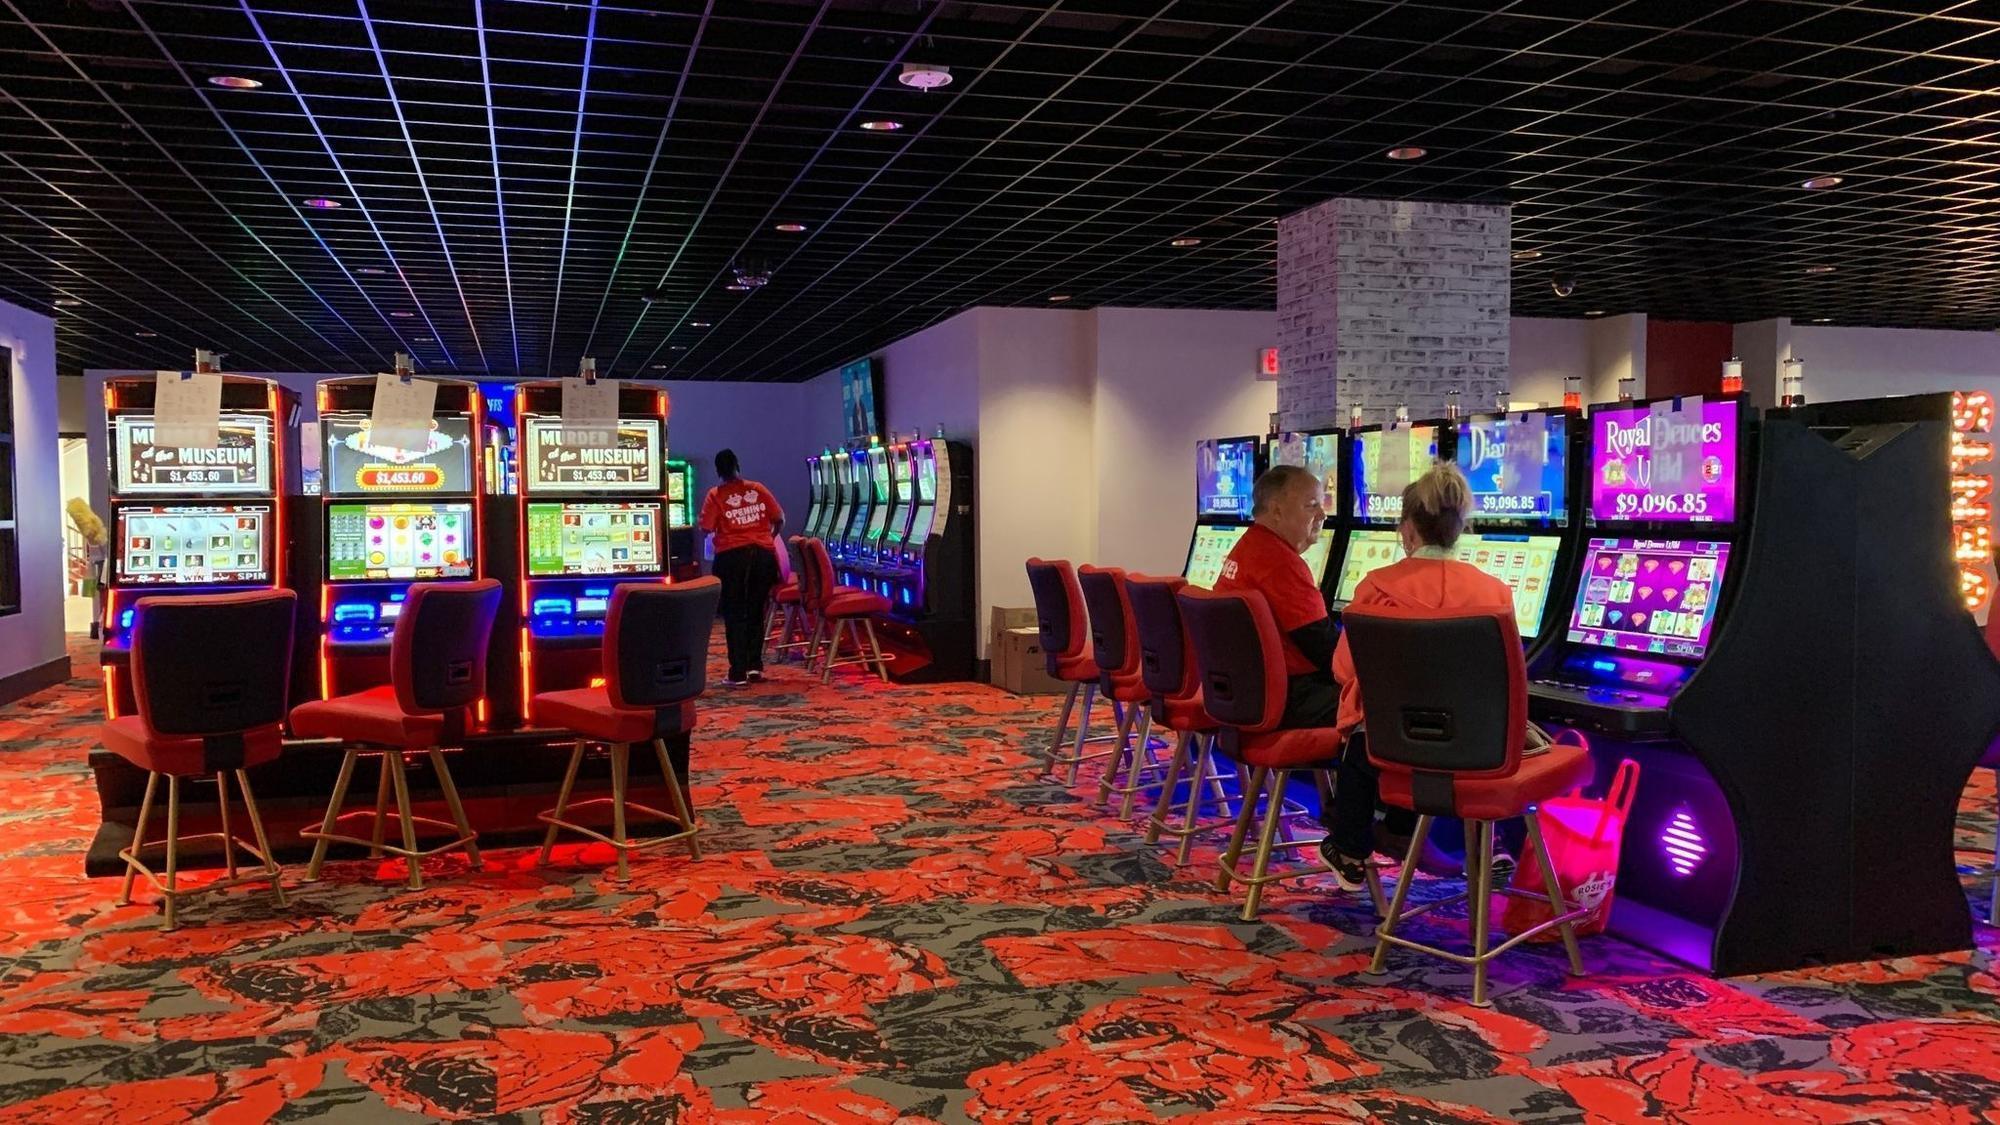 Rosie S Gaming Emporium To Open April 23 The Virginia